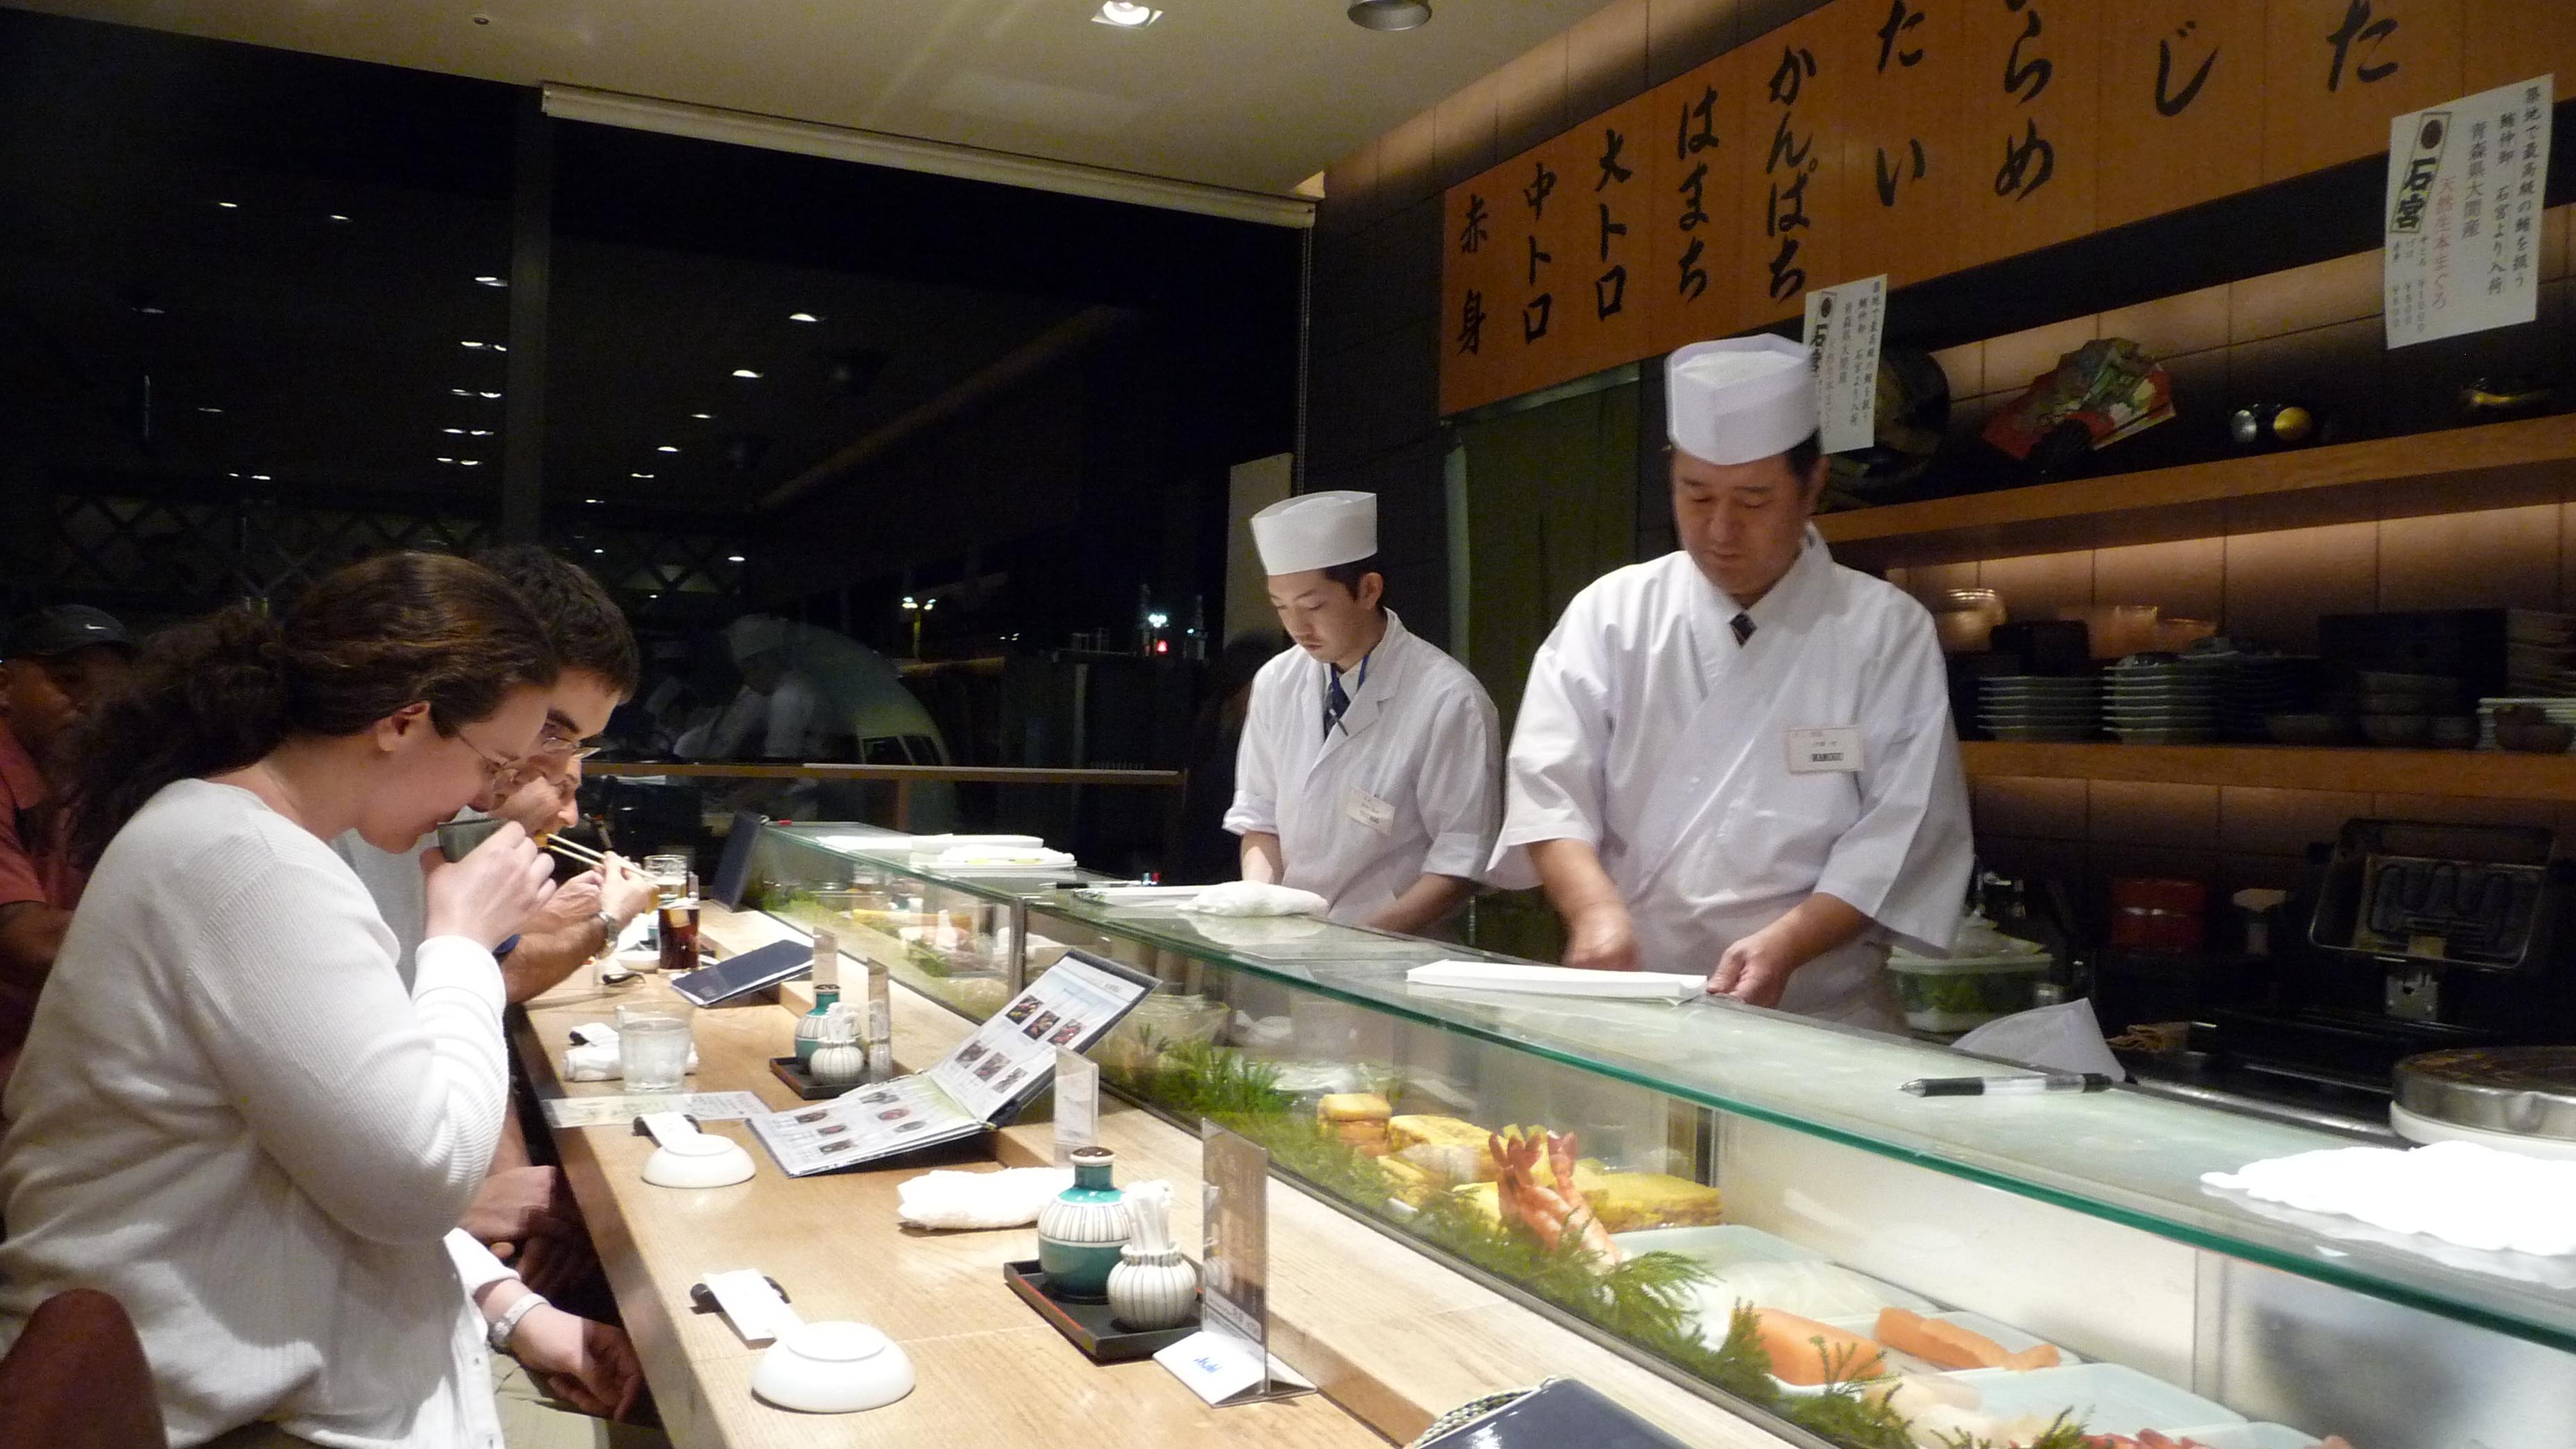 空港で人気の飲食店、No.1は成田の「すし京辰」、「551蓬莱軒」もランクイン  - トリップアドバイザー